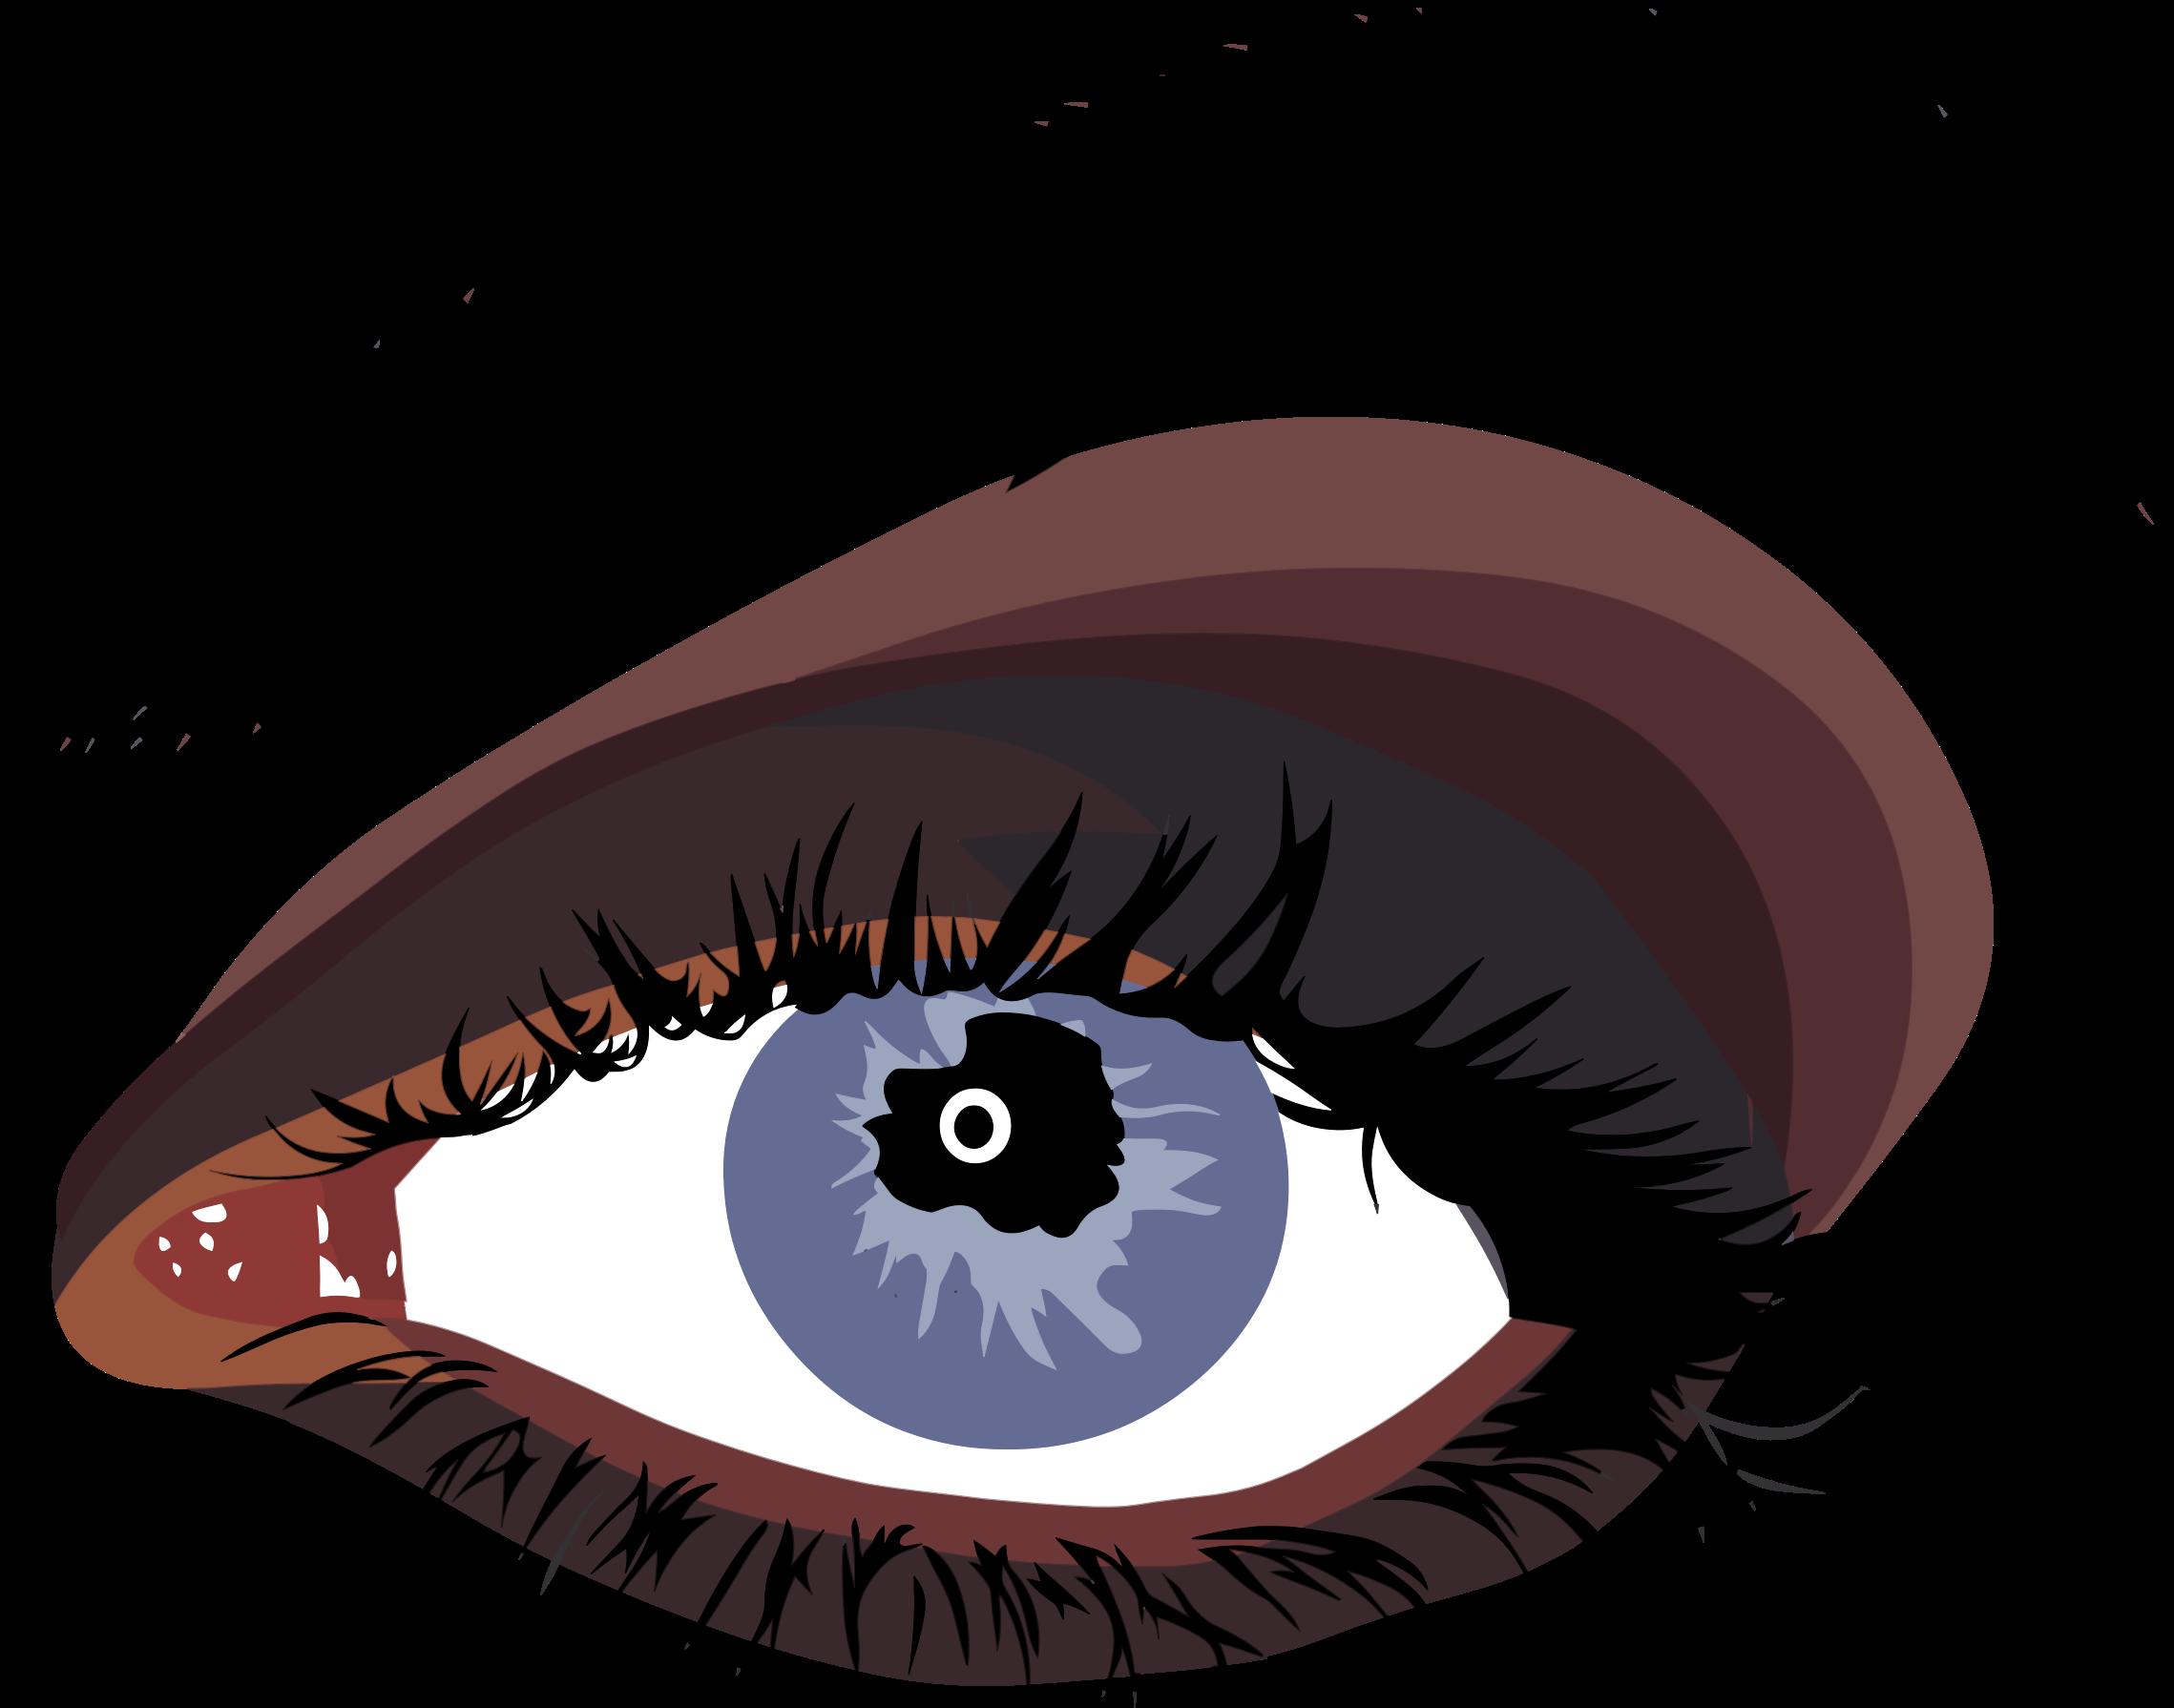 Female eye big image. Eyeballs clipart close reading